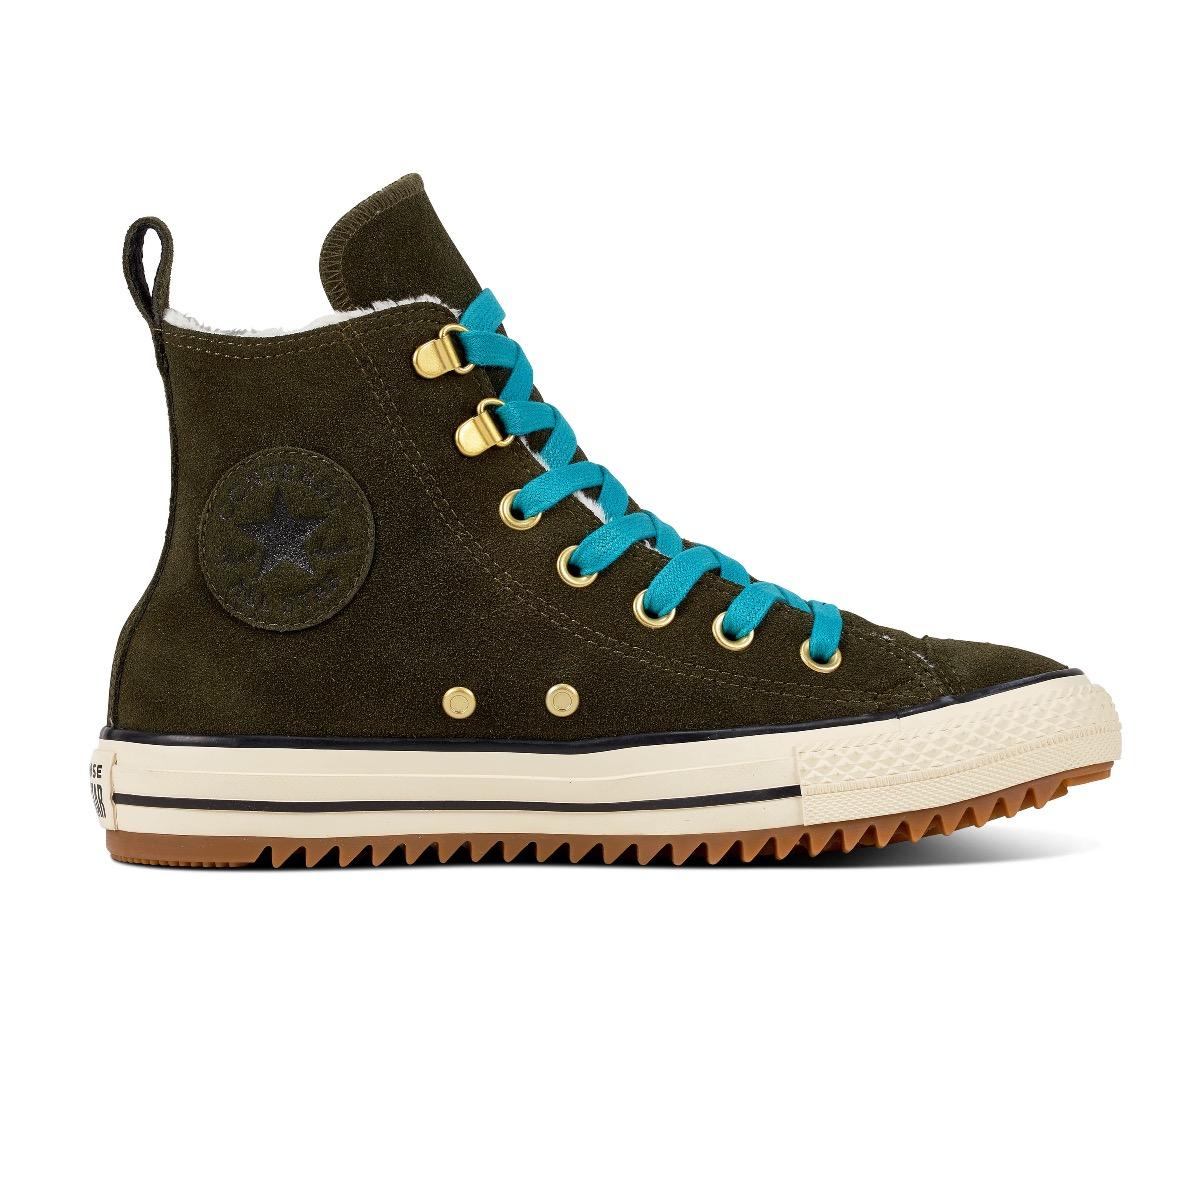 Converse All Stars Hiker Boot 162478C Groen-40